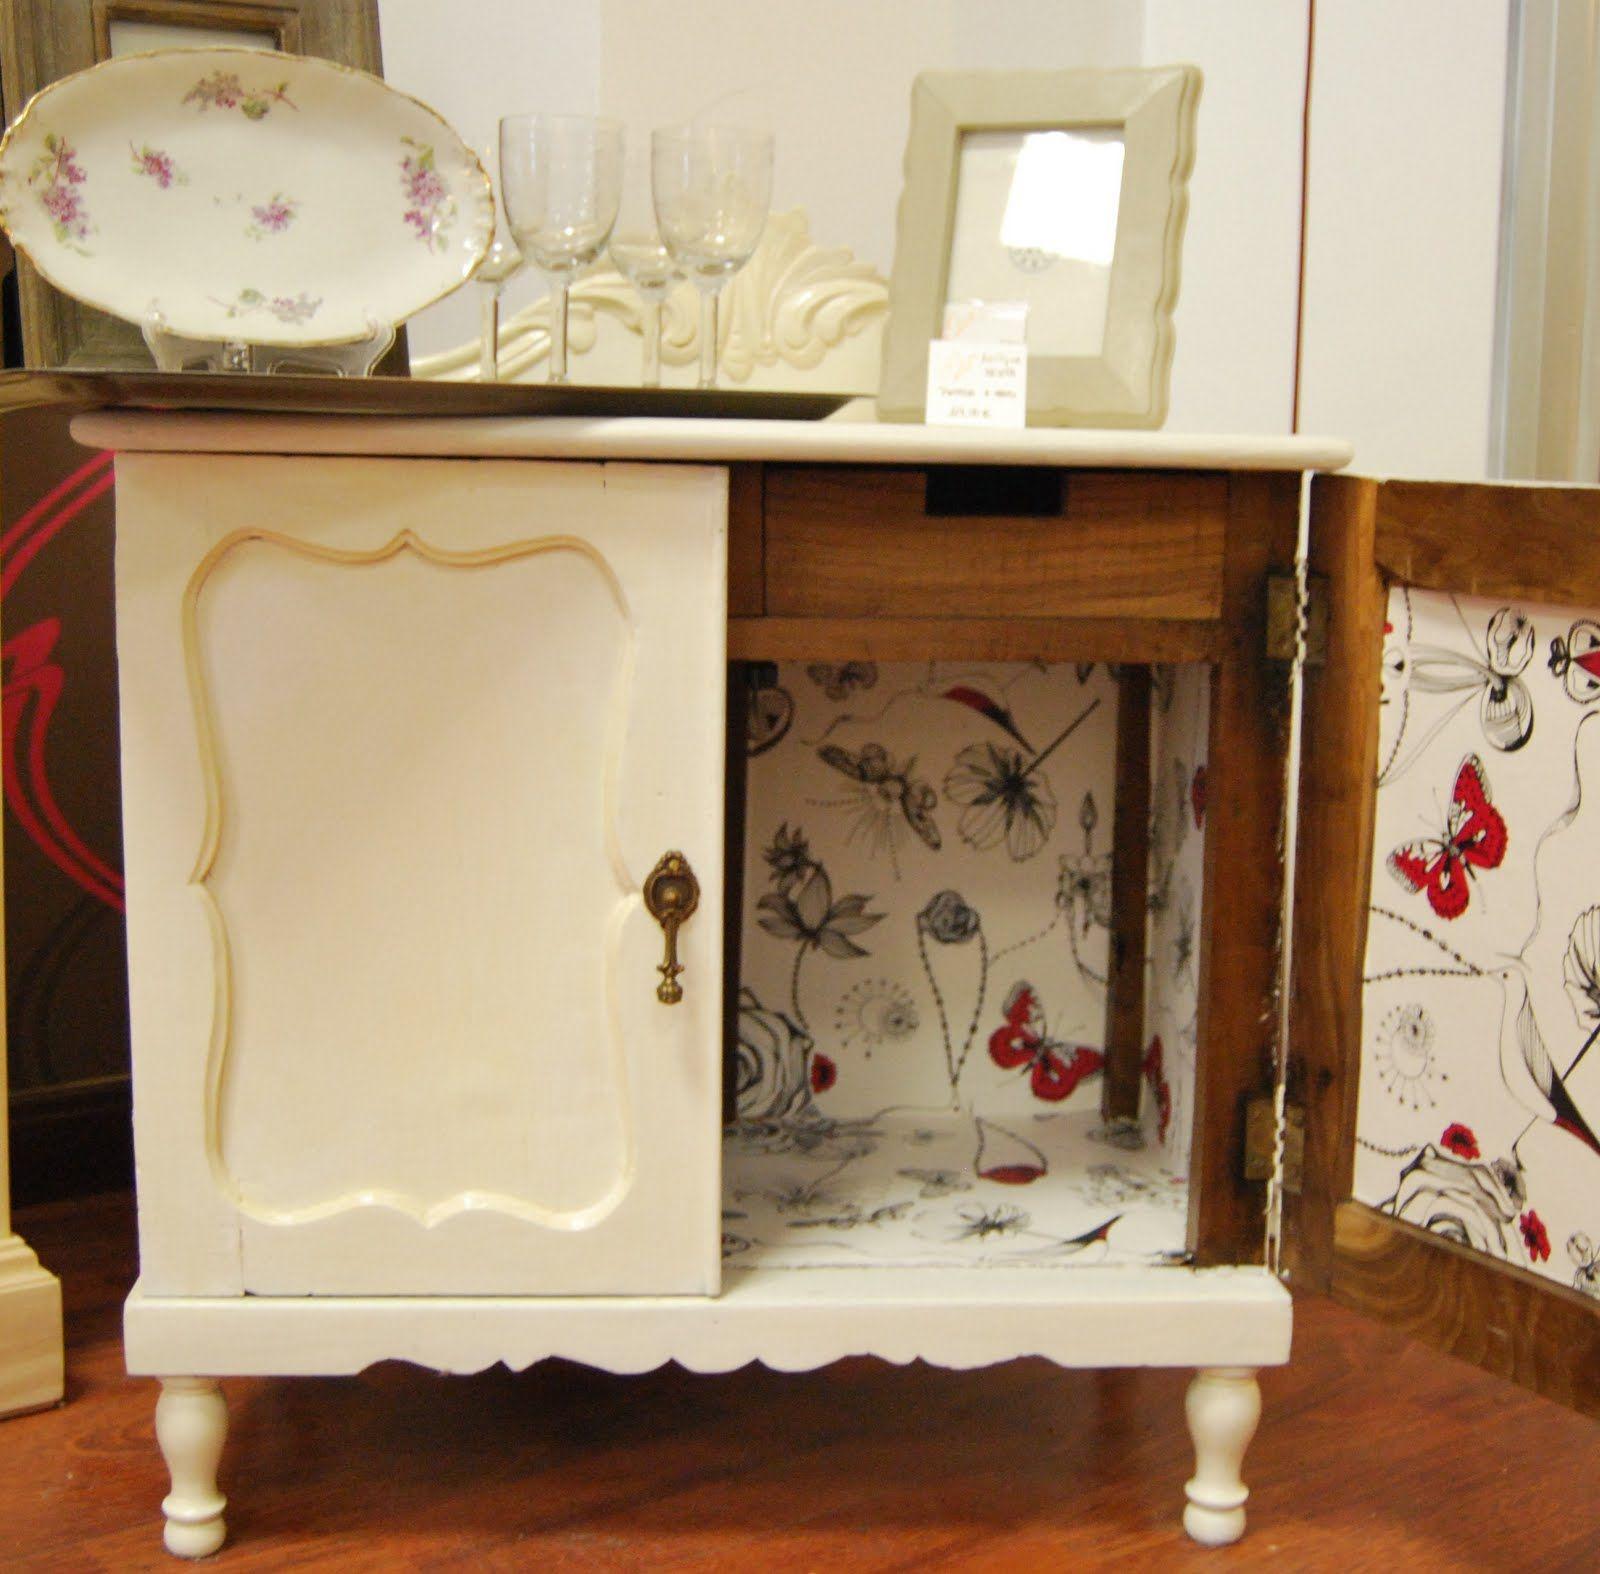 Muebles Reciclados Con Papel Pintado Muebles Reciclados Papel  ~ Decorar Muebles Con Papel Pintado